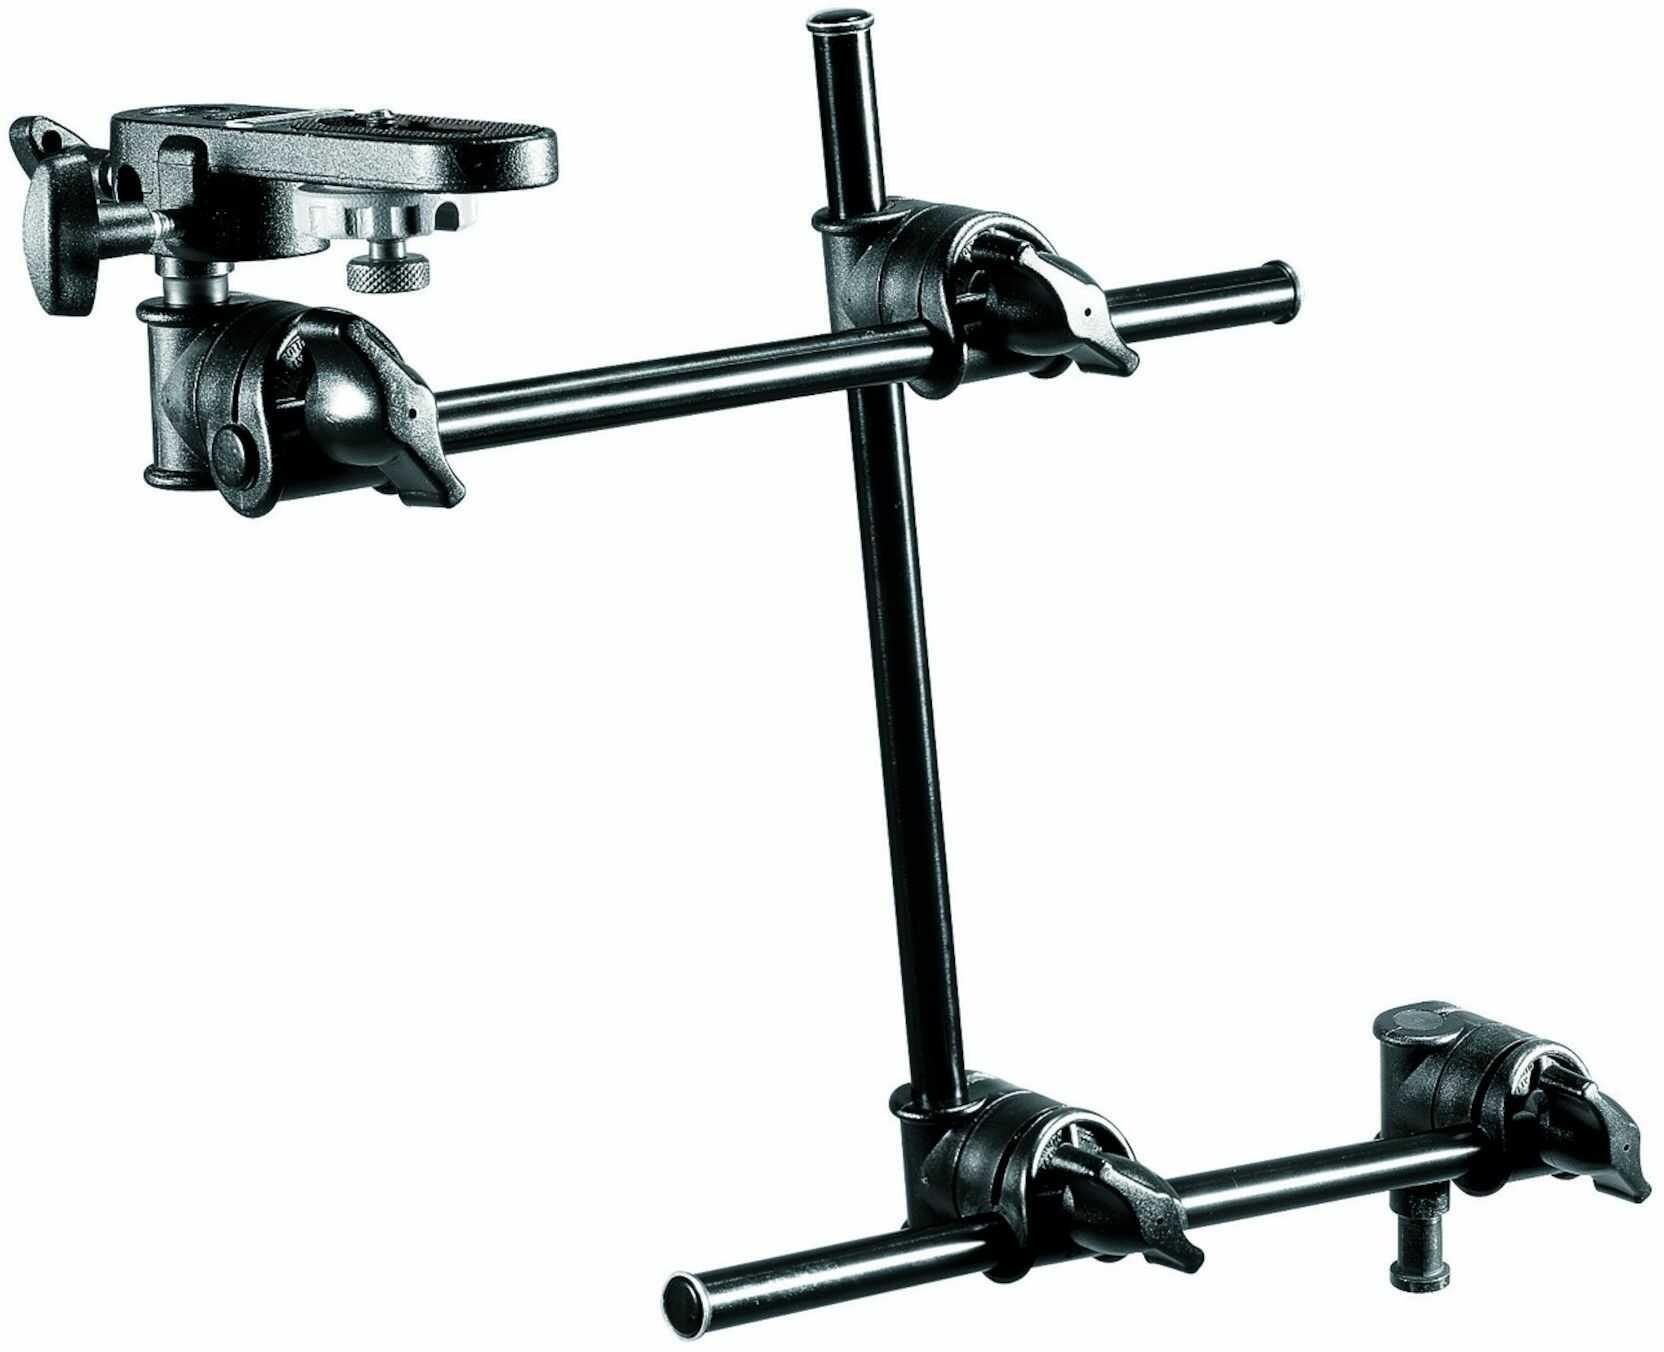 Manfrotto 196B-3 - Mini arm / ramię pojedyńcze 3-sekcyjne + Manfrotto 143BKT Manfrotto 196B-3 - Mini arm / ramię pojedyńcze 3-sekcyjne + Manfrotto 143BKT